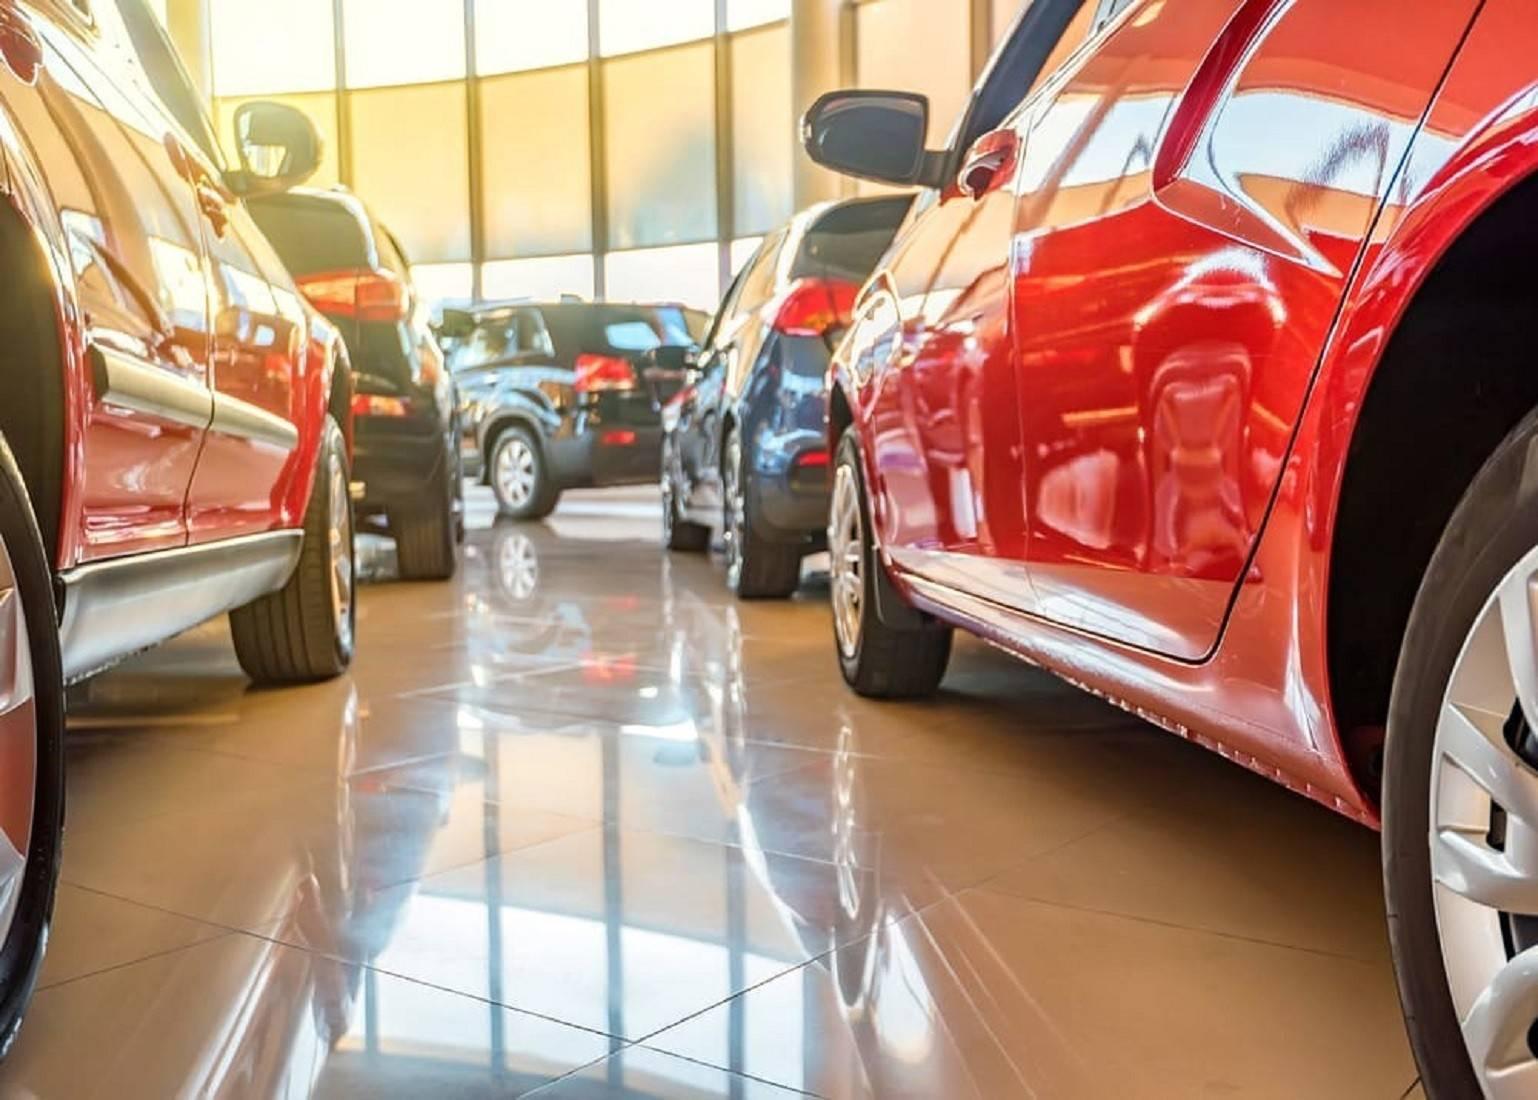 Автобазары и автоаукционы в испании . испания по-русски - все о жизни в испании